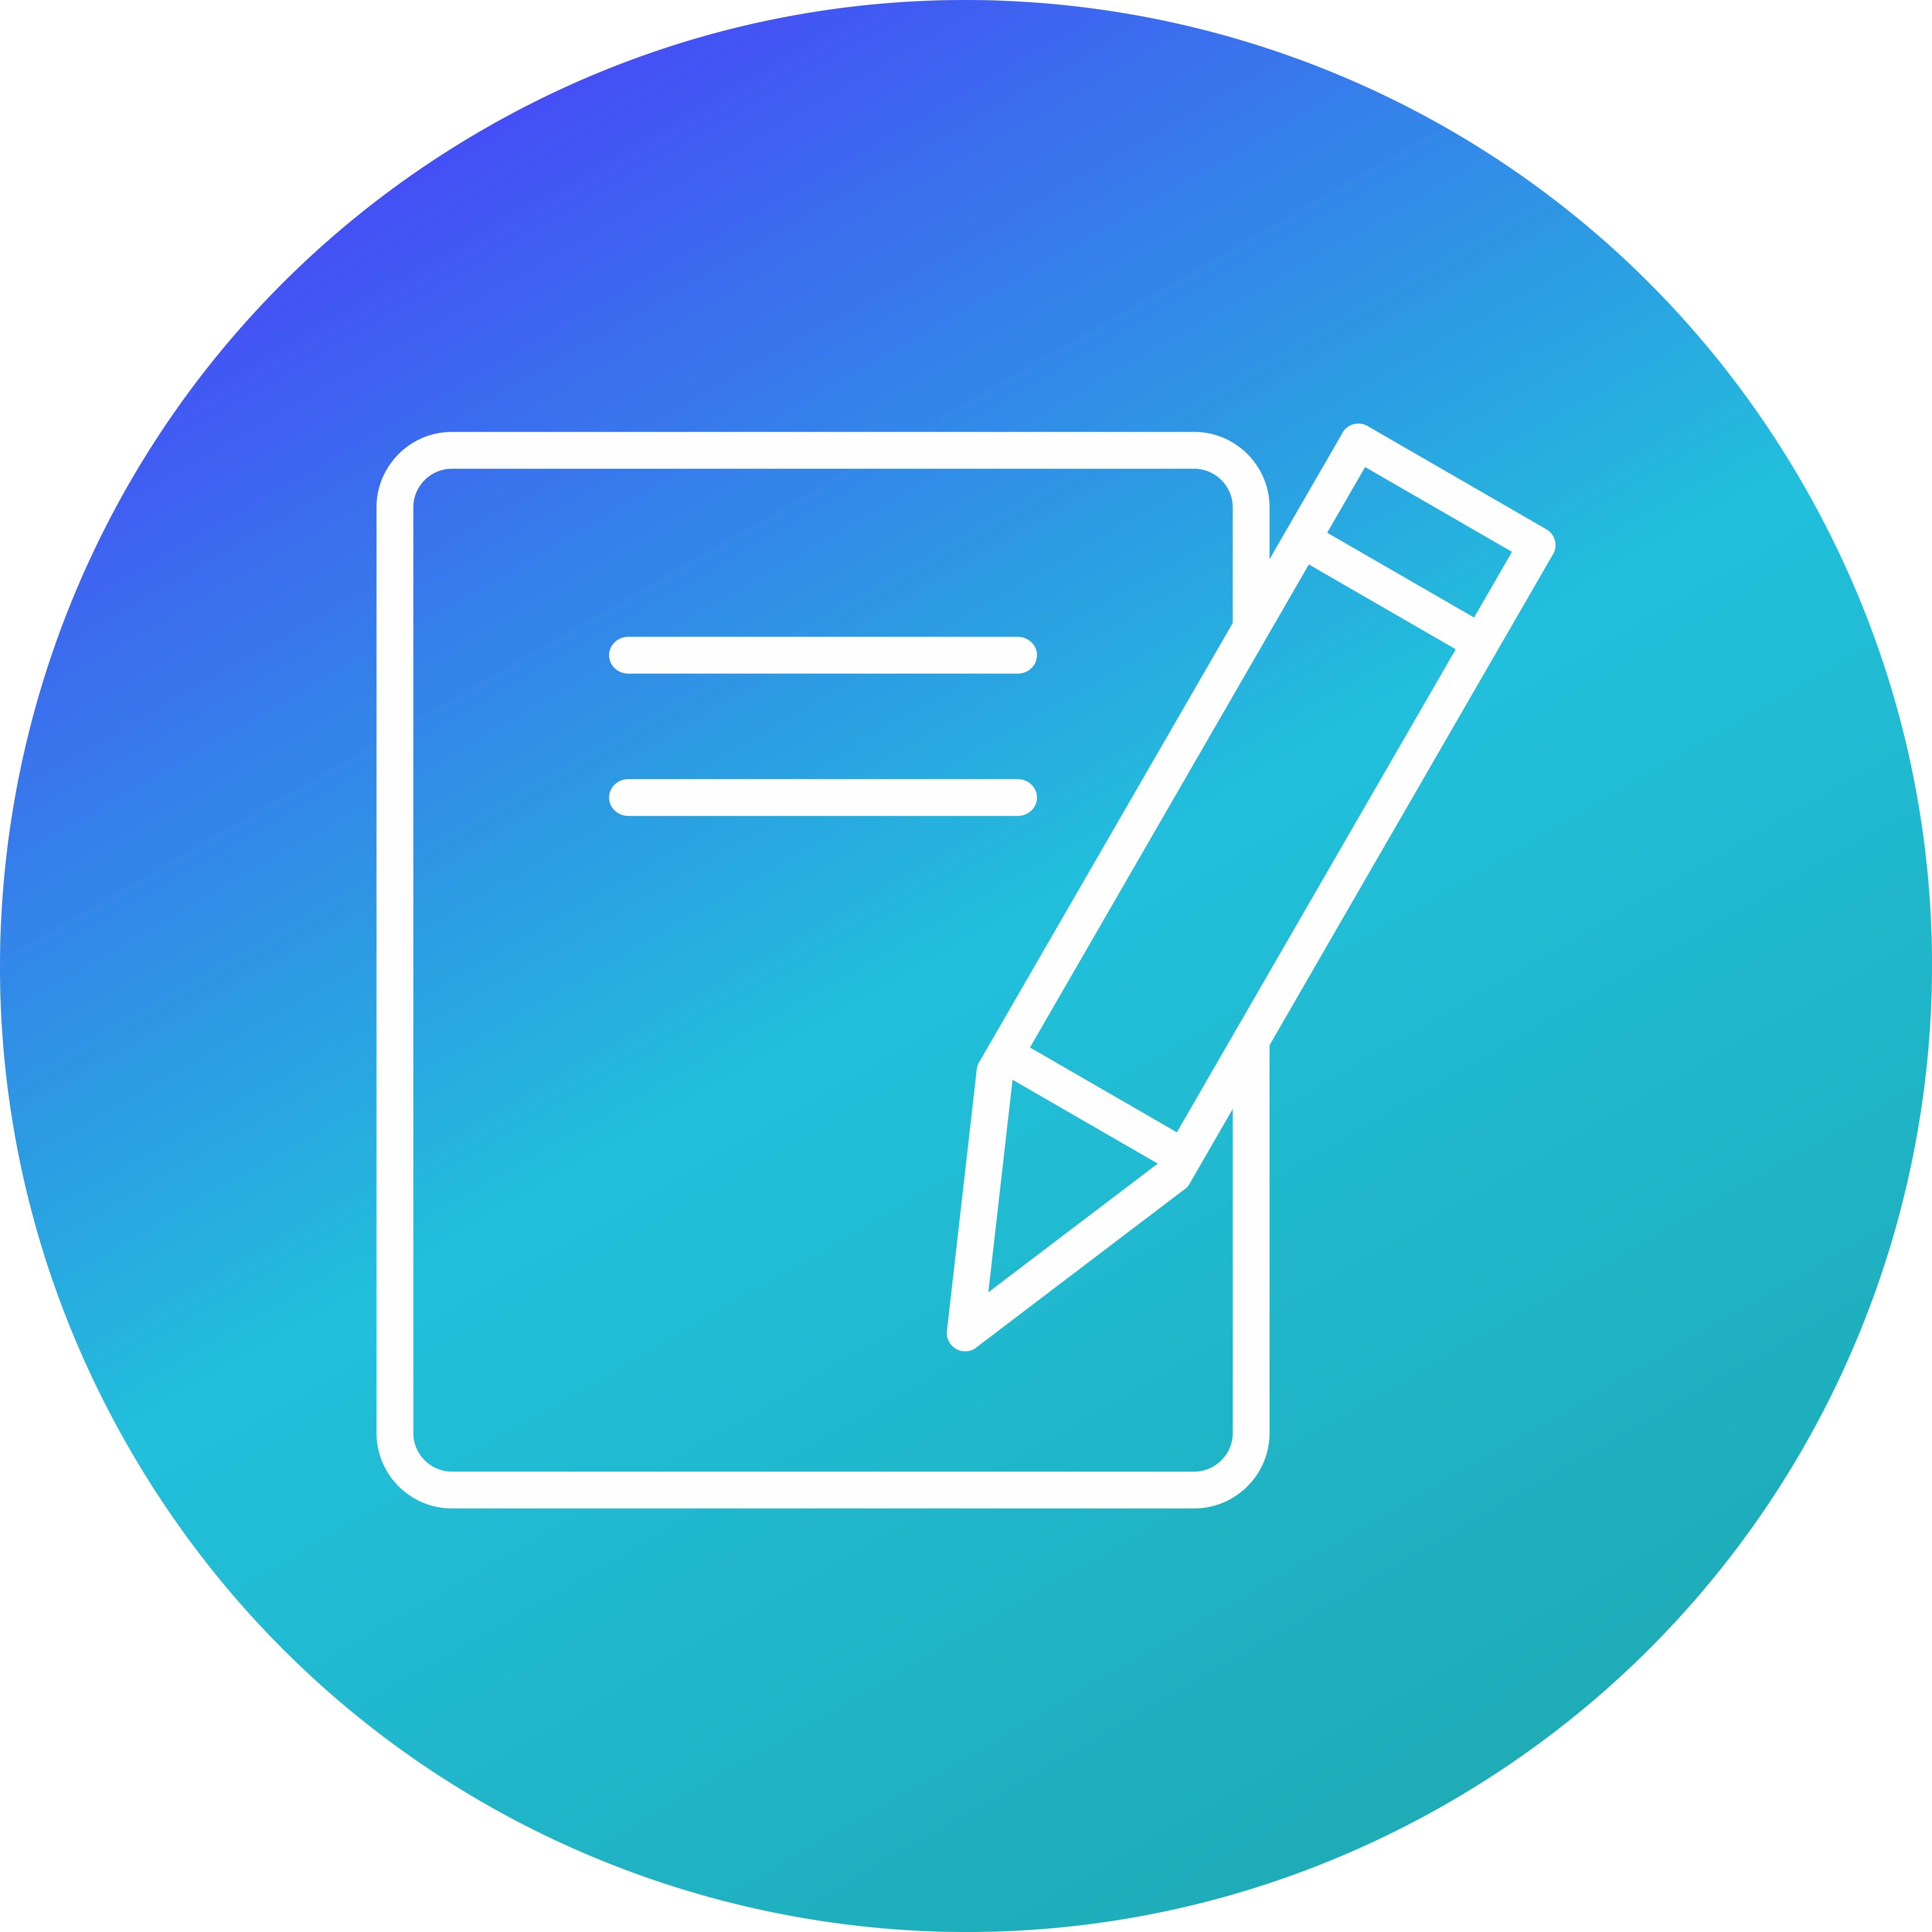 Vektor-Hinweis-Symbol - Download Kostenlos Vector, Clipart